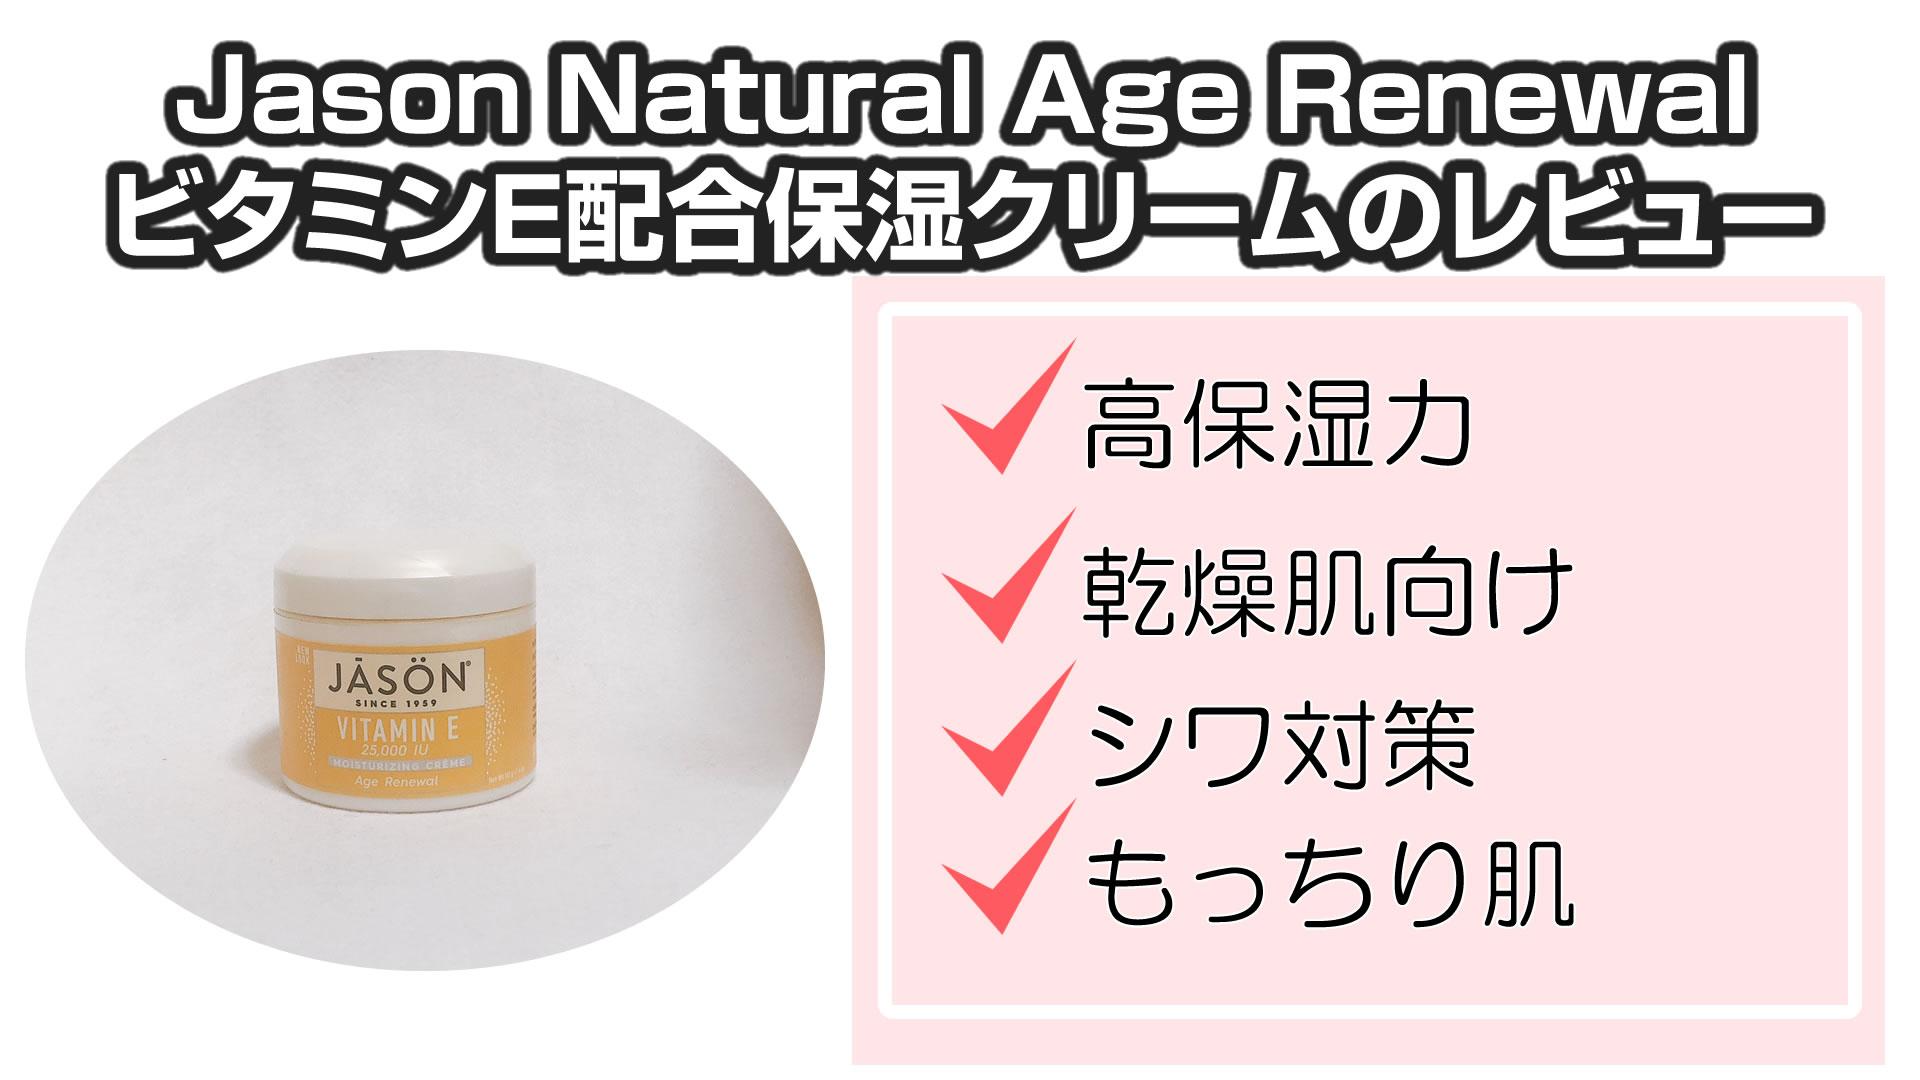 乾燥肌に♪Jason Natural Age Renewal(エイジリニューアル)ビタミンE配合保湿クリームのレビュー